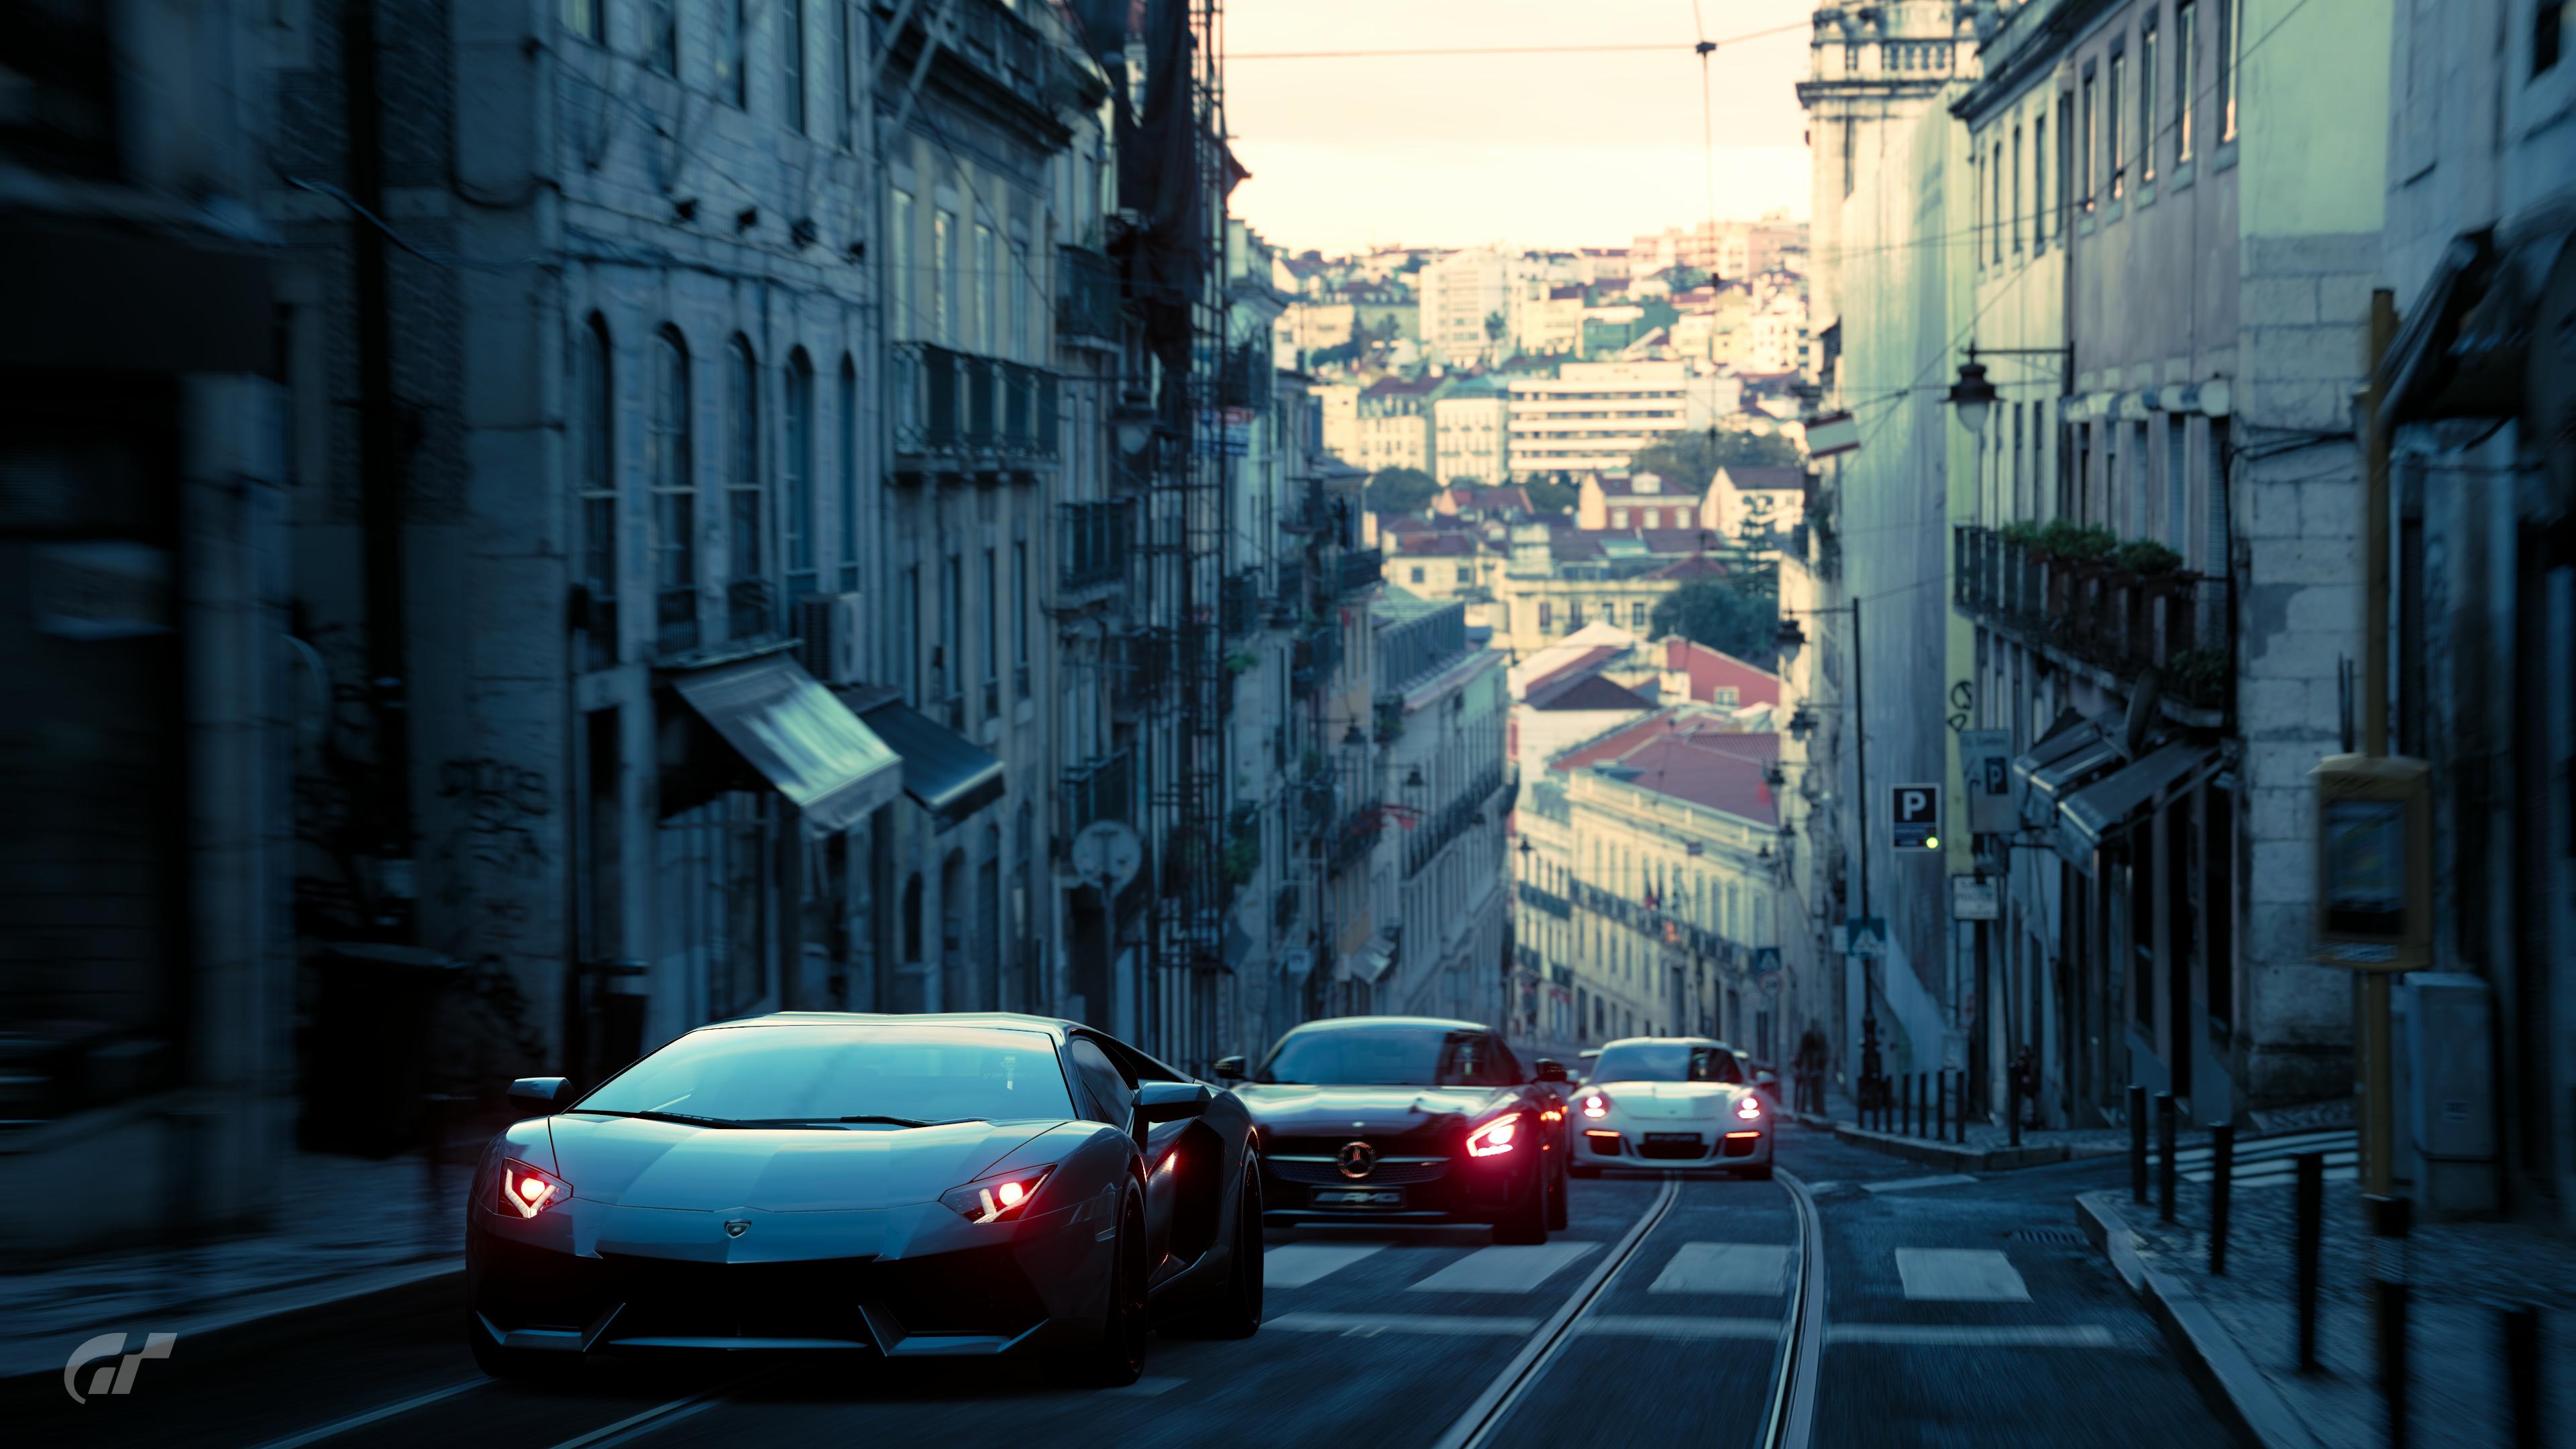 gran turismo cars 4k 1558221073 - Gran Turismo Cars 4k - mercedes wallpapers, lamborghini wallpapers, hd-wallpapers, gran turismo sport wallpapers, games wallpapers, cars wallpapers, 4k-wallpapers, 2018 games wallpapers